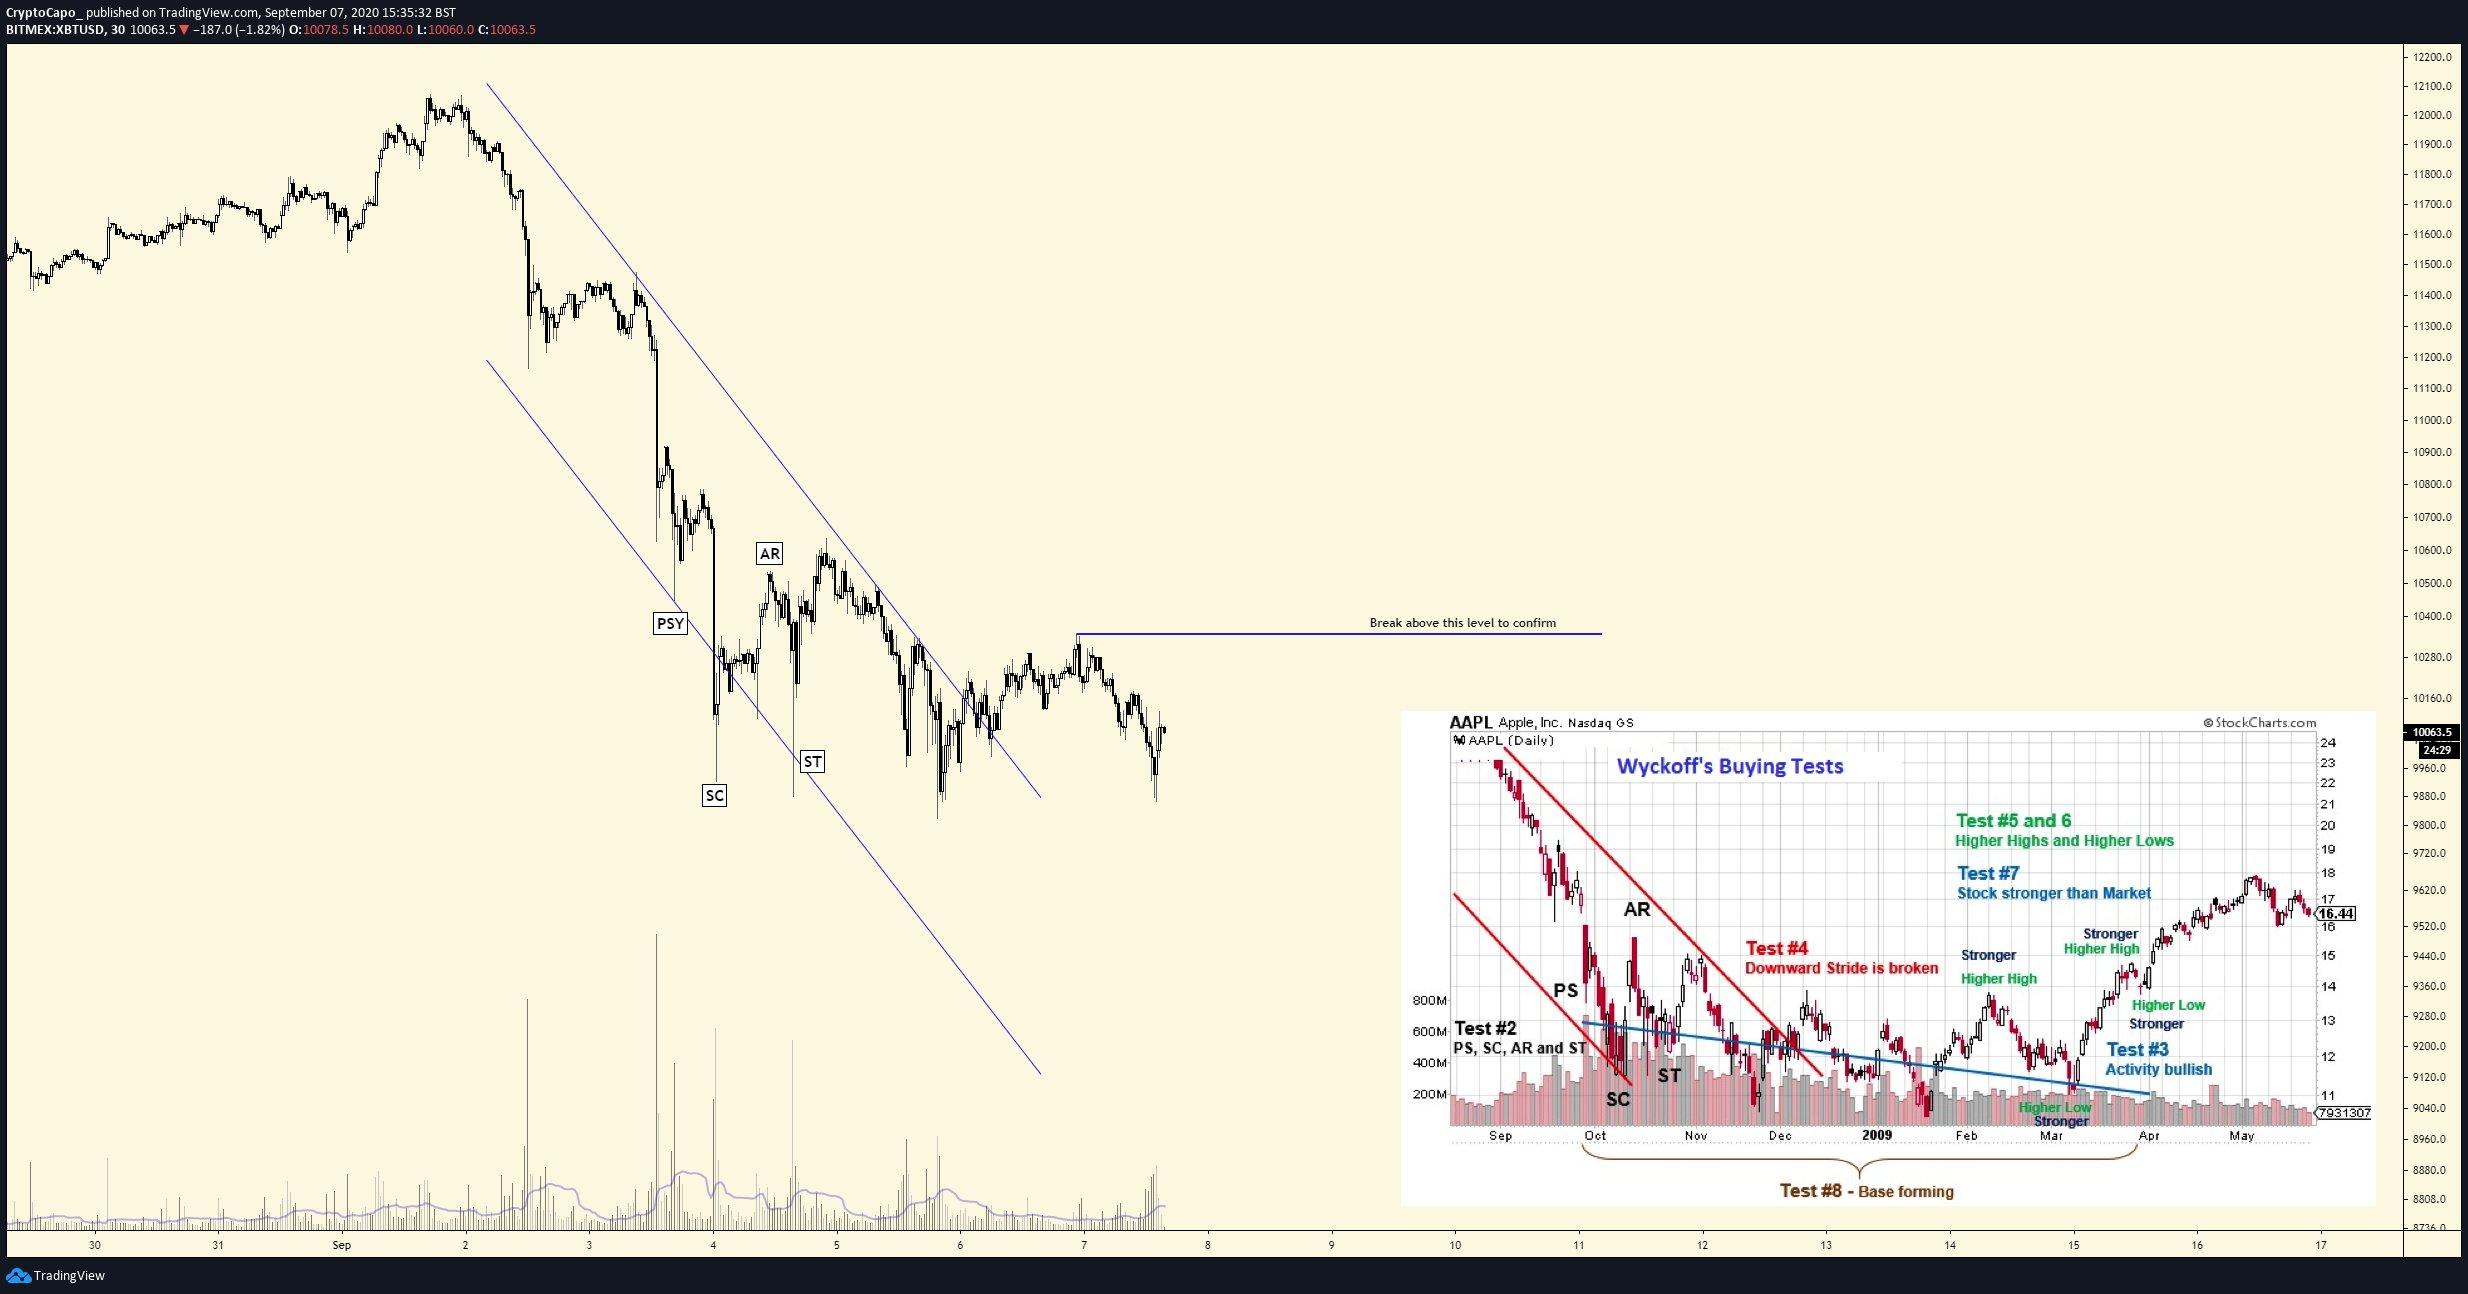 نمودار روند صعودی قیمت بیت کوین